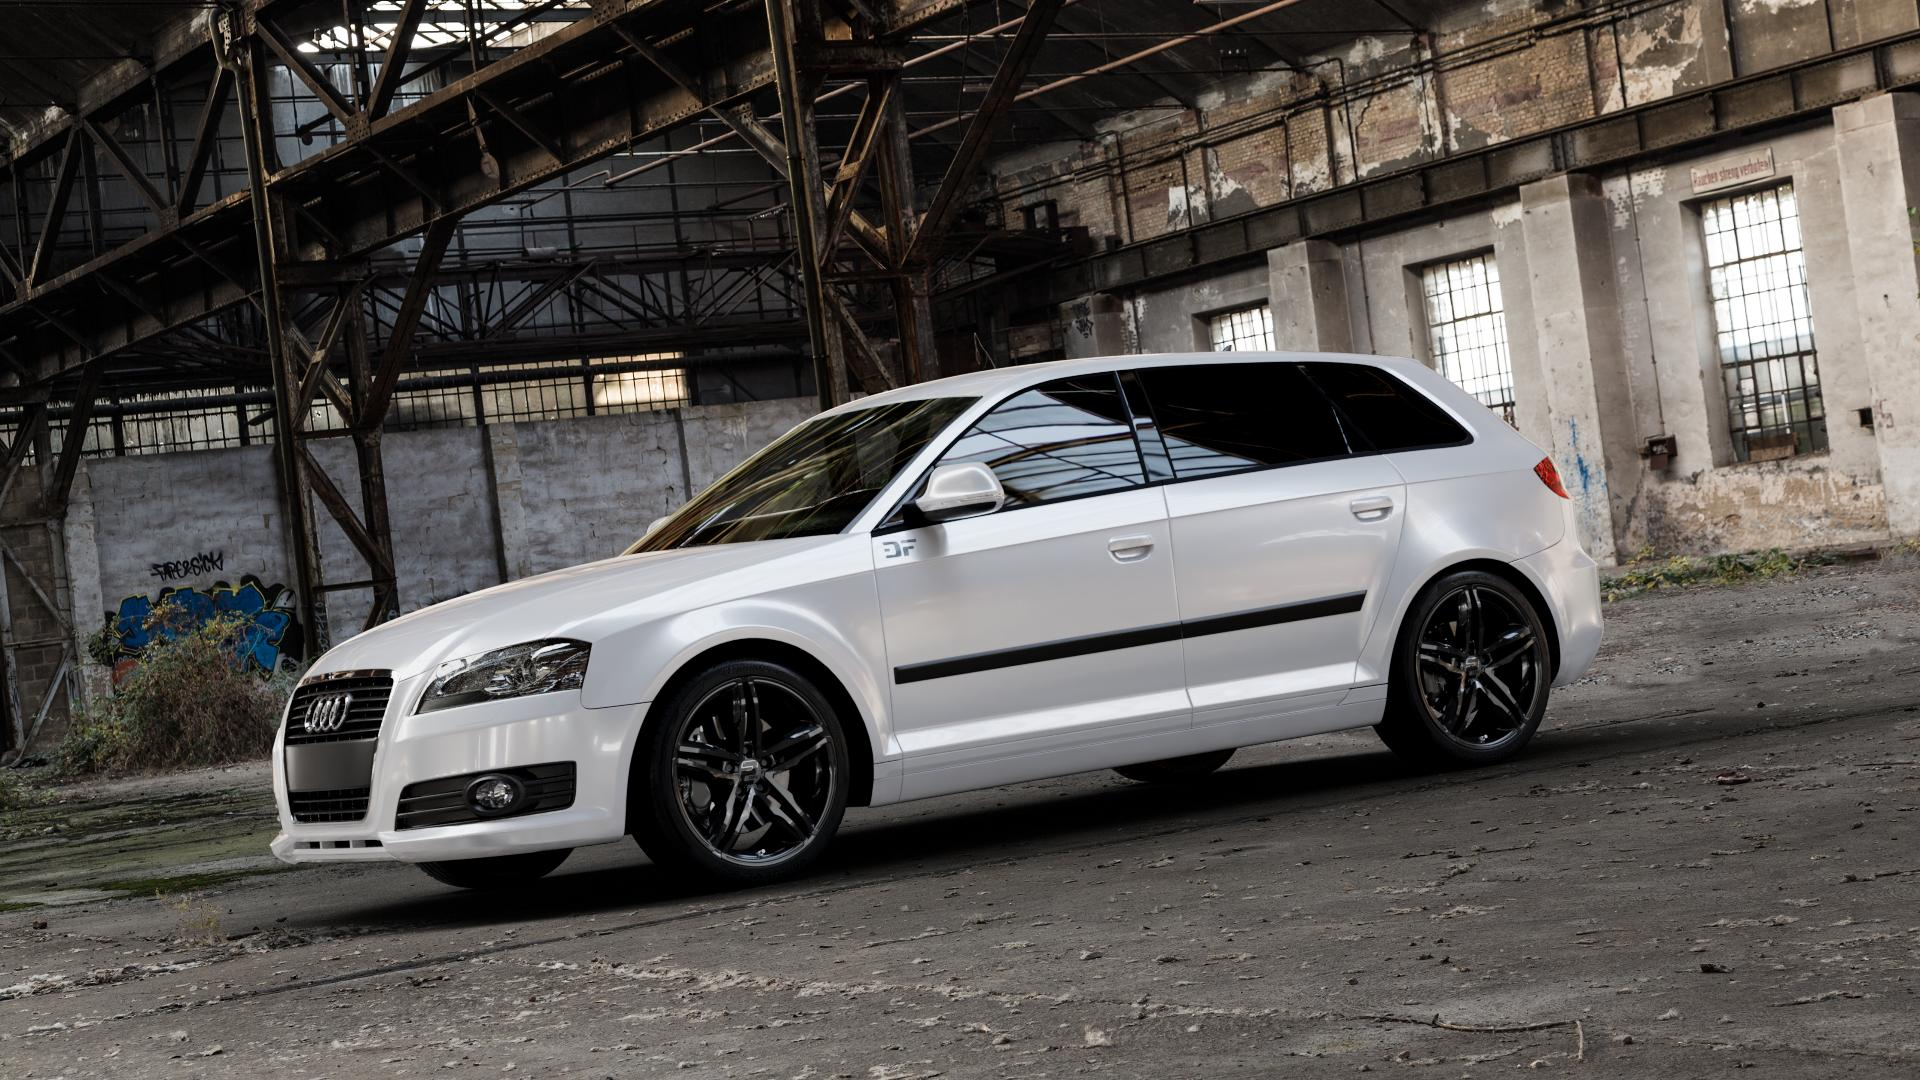 2DRV WH11 Schwarz glänzend lackiert Felge mit Reifen in 18Zoll Winterfelge Alufelge auf weissem Audi A3 Typ 8P (Sportback) 1,6l 75kW (102 PS) 2,0l FSI 110kW (150 1,9l TDI 77kW (105 103kW (140 TFSI 147kW (200 85kW (116 100kW (136 1,8l 118kW (160 125kW (170 1,4l 92kW (125 120kW (163 quattro 3,2l V6 184kW (250 S3 195kW (265 1,2l 66kW (90 18